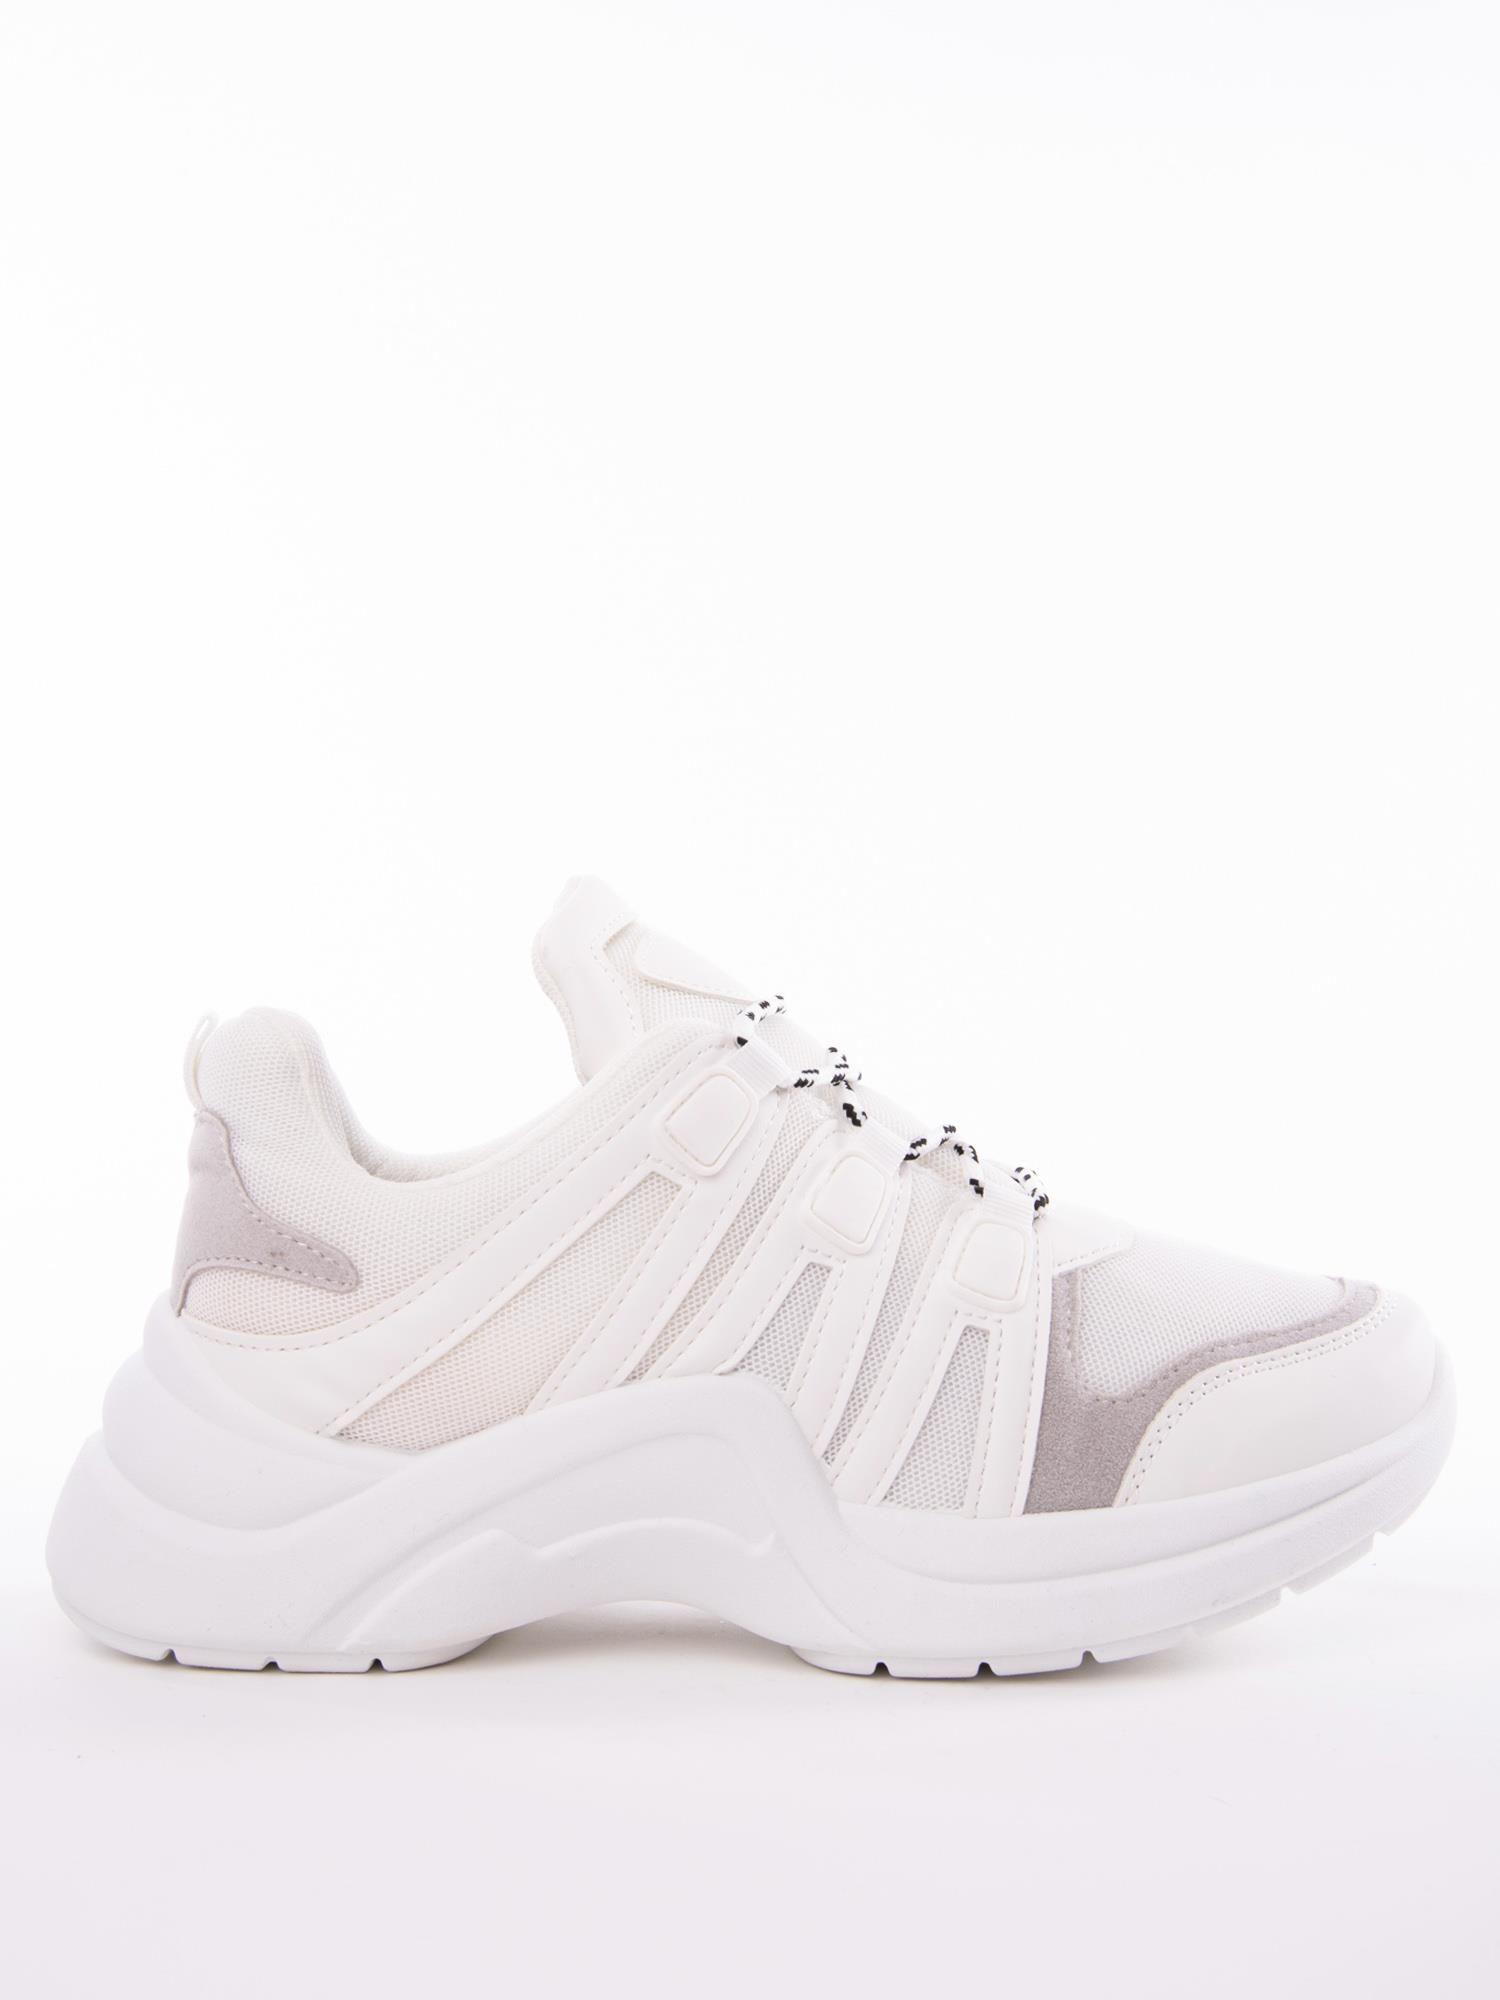 15383b63c48c5 Białe buty sportowe z elastyczną podeszwą wstawkami z ekoskóry i kolorowymi  sznurówkami ...